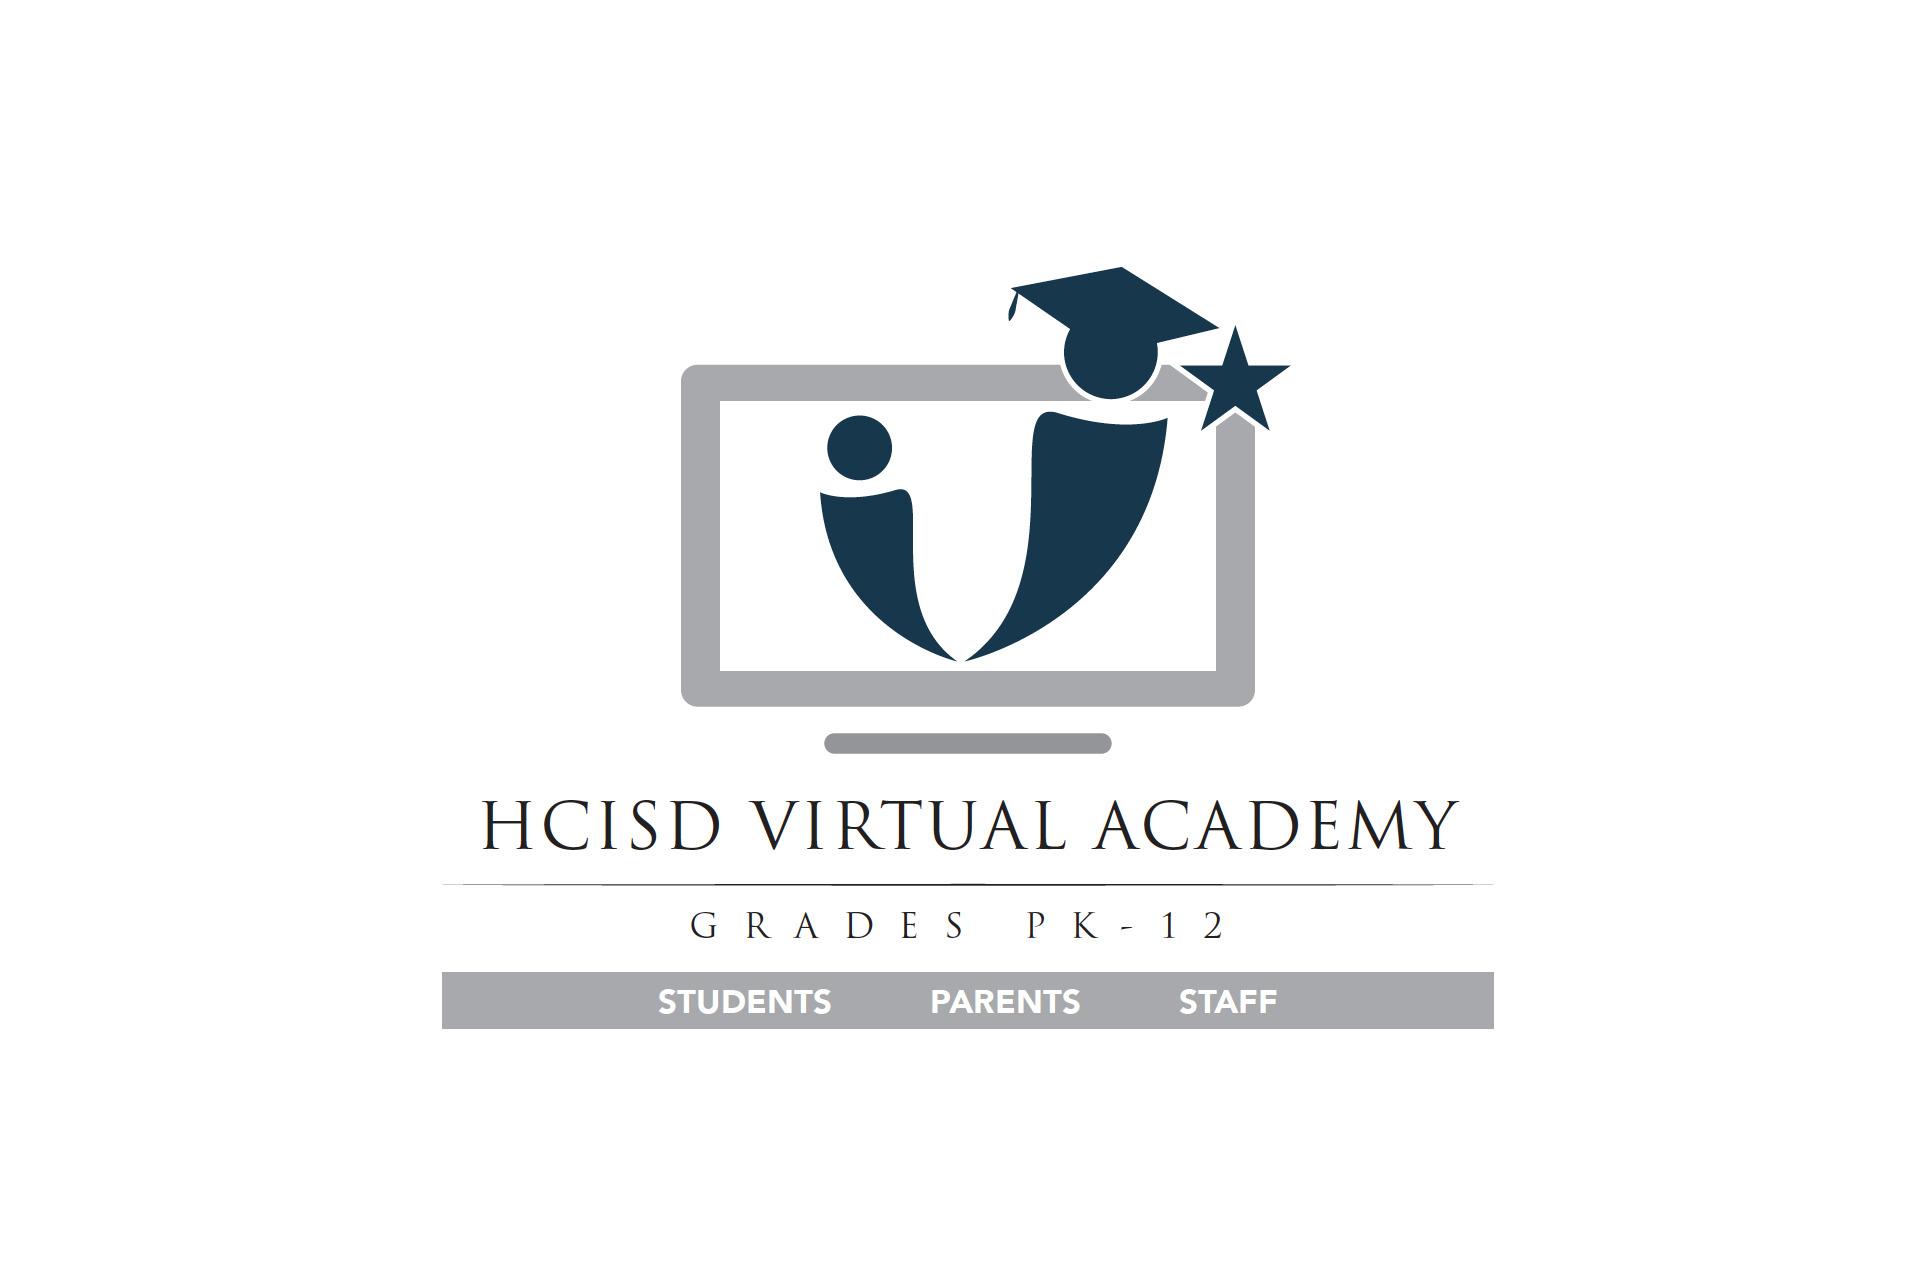 Academia Virtual HCISD: el componente de los padres preparará a las familias para el aprendizaje a distancia.